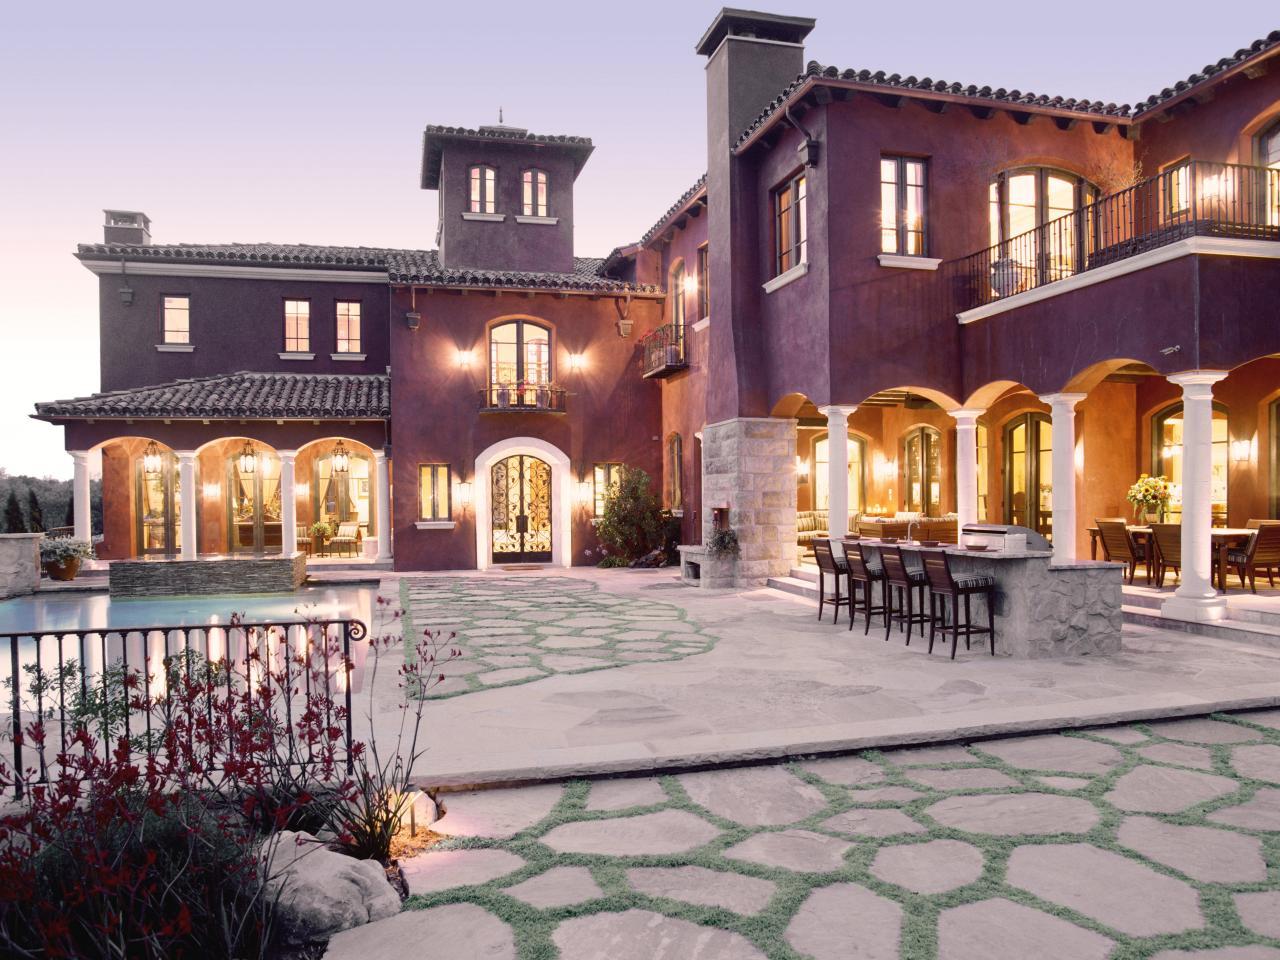 Photos hgtv for Mediterranean style home exteriors